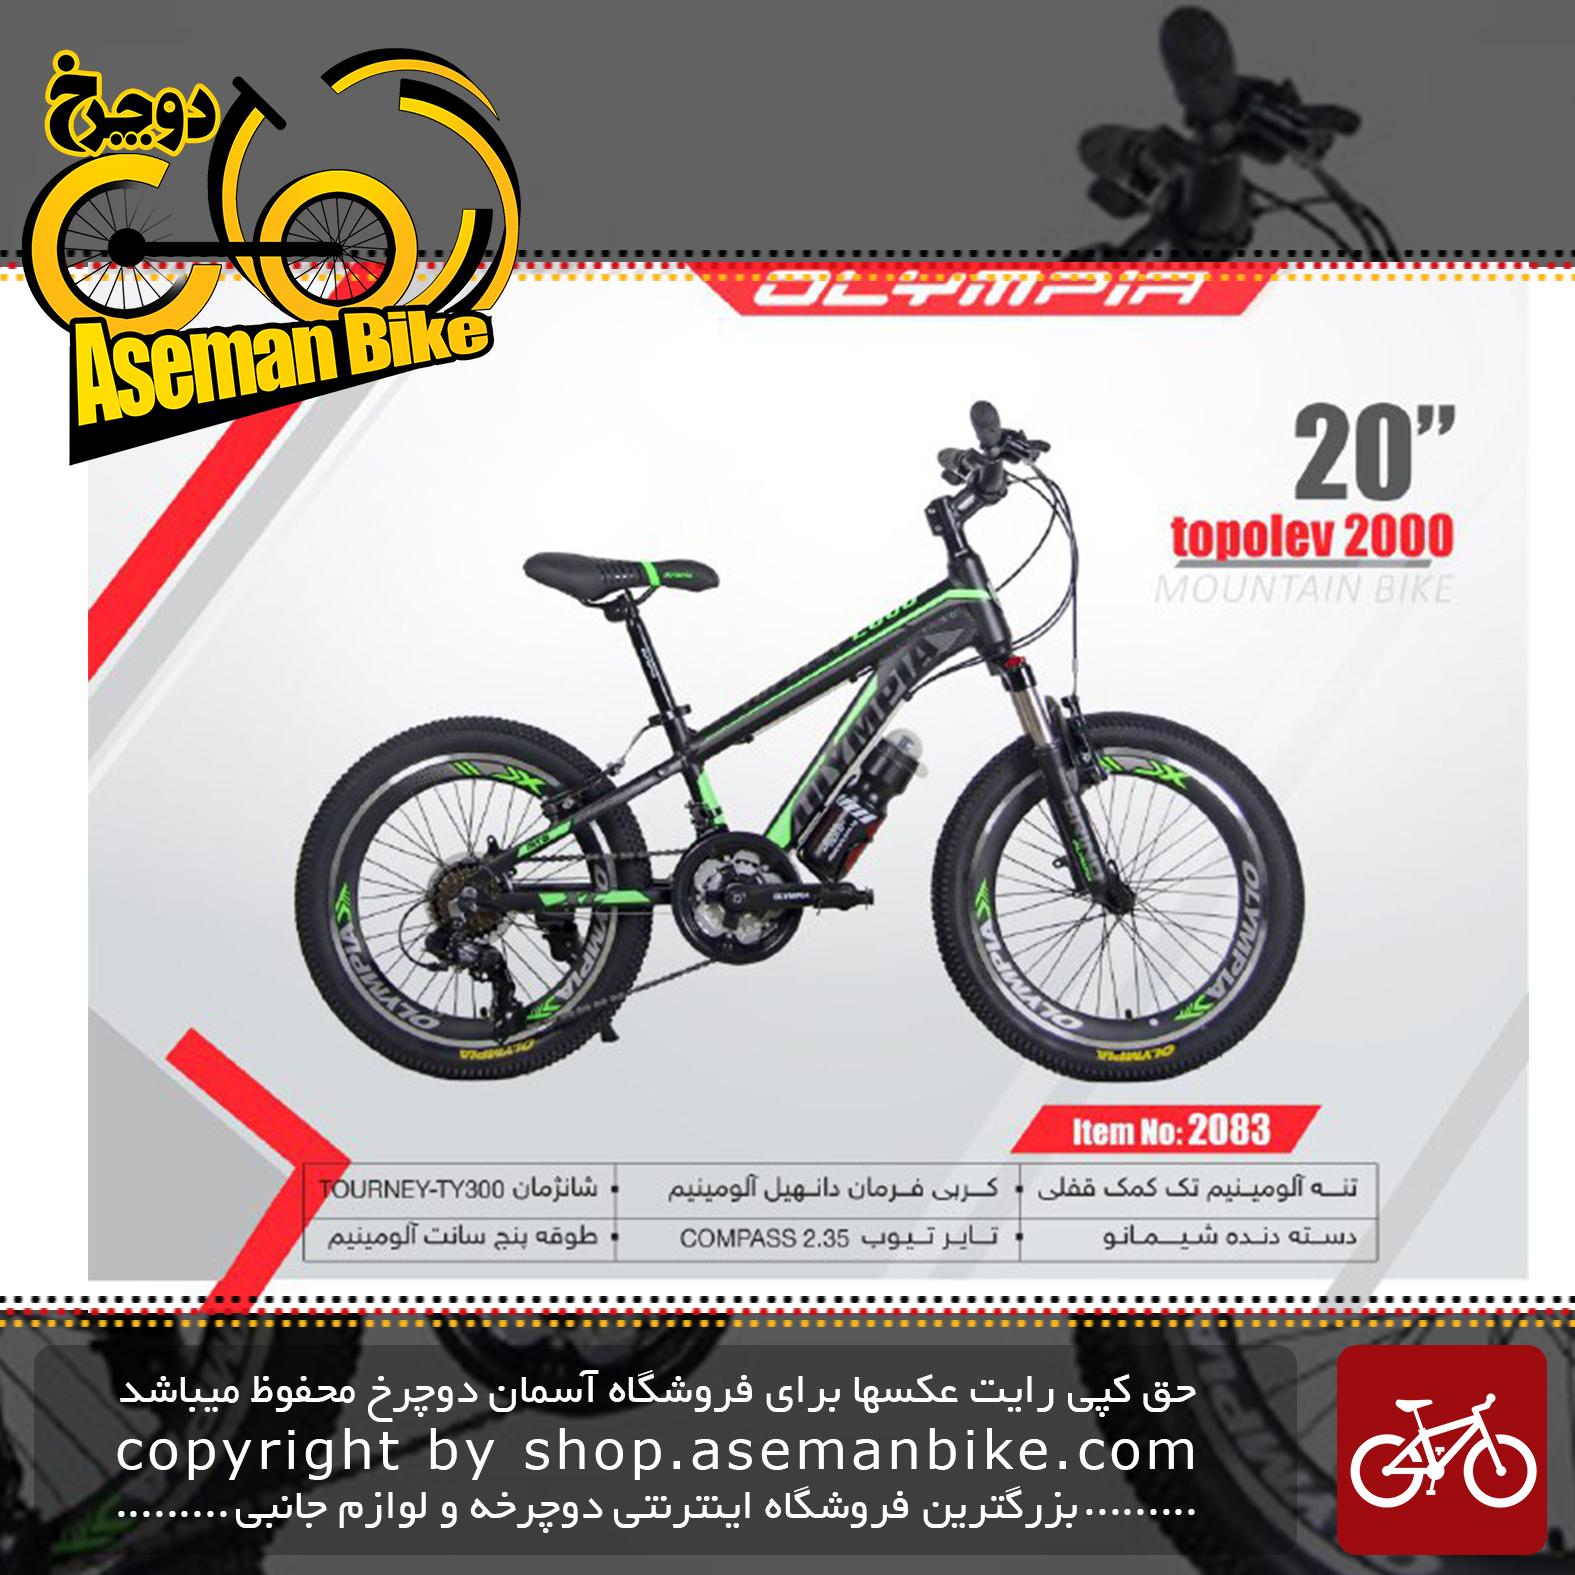 دوچرخه کوهستان المپیا سایز 20مدل تاپو لو OLYMPIA SIZE 20 TOPOLEV 2000 2000